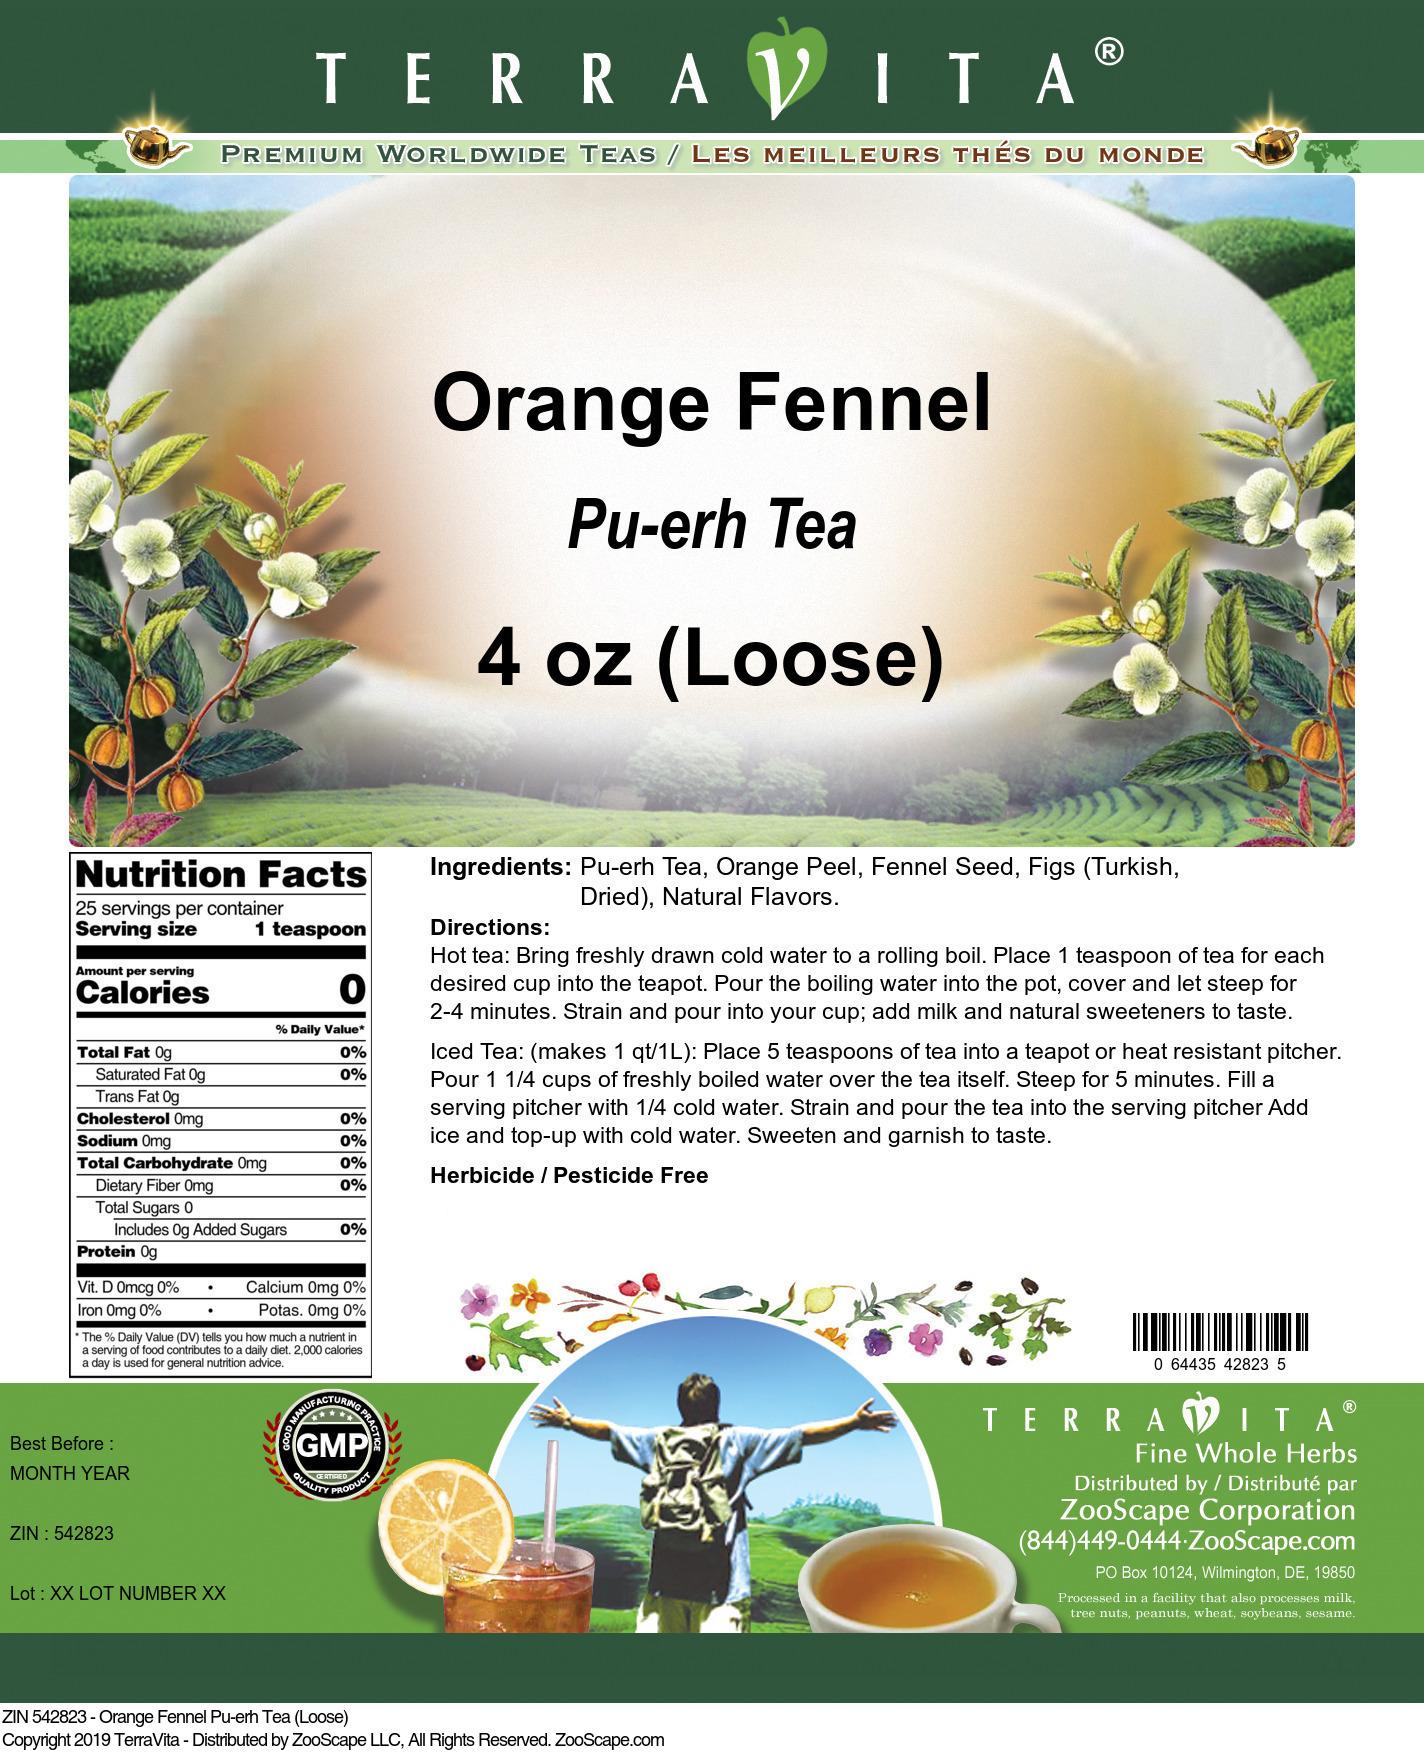 Orange Fennel Pu-erh Tea (Loose)